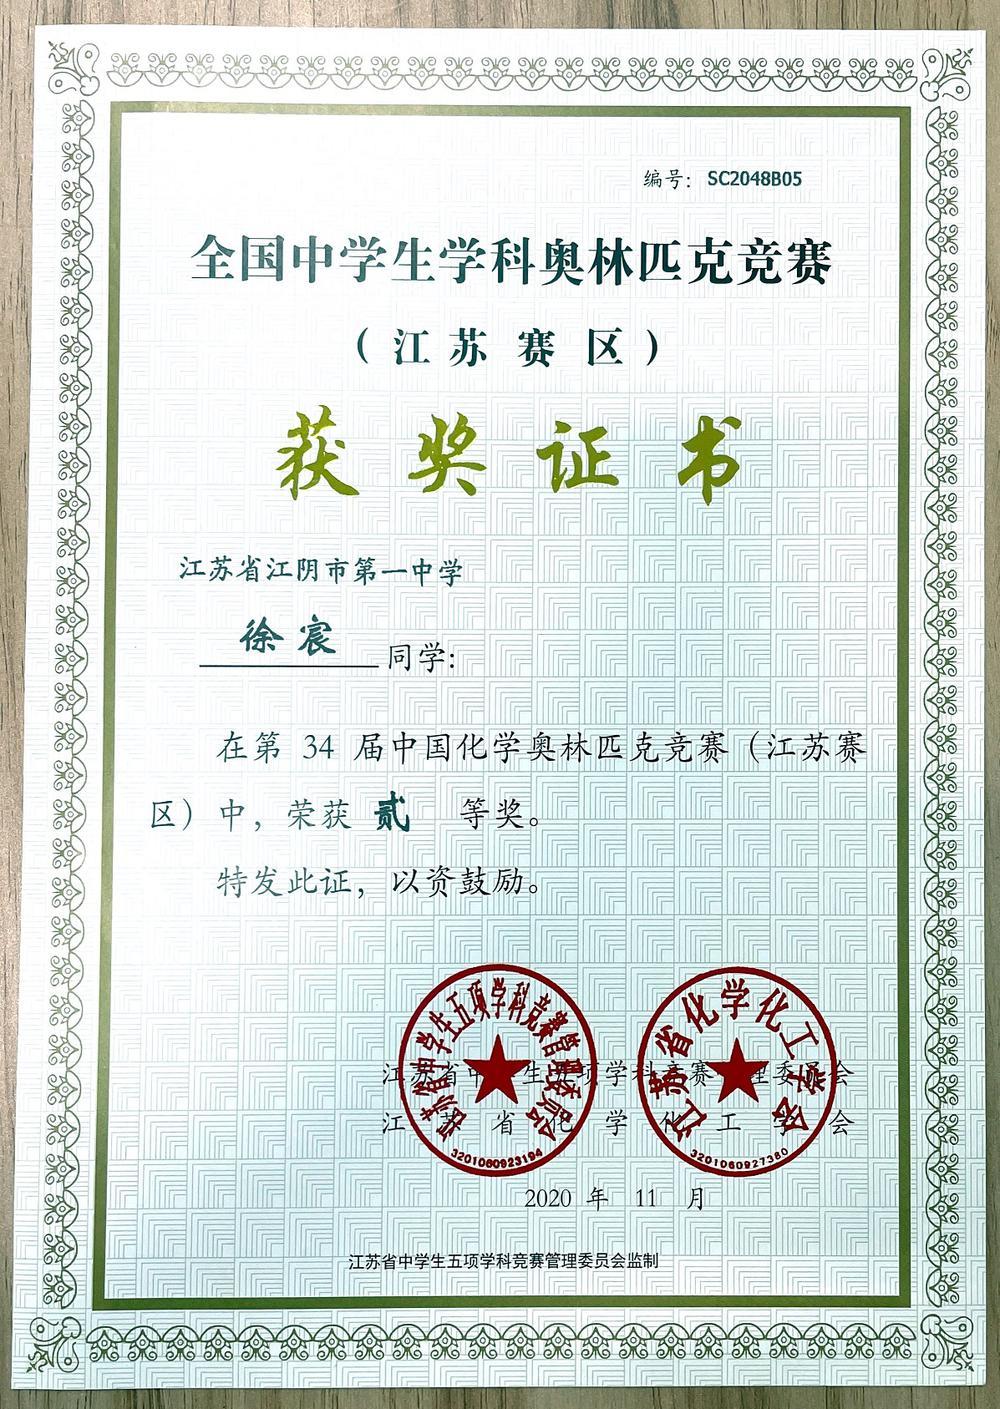 化学证书.jpg